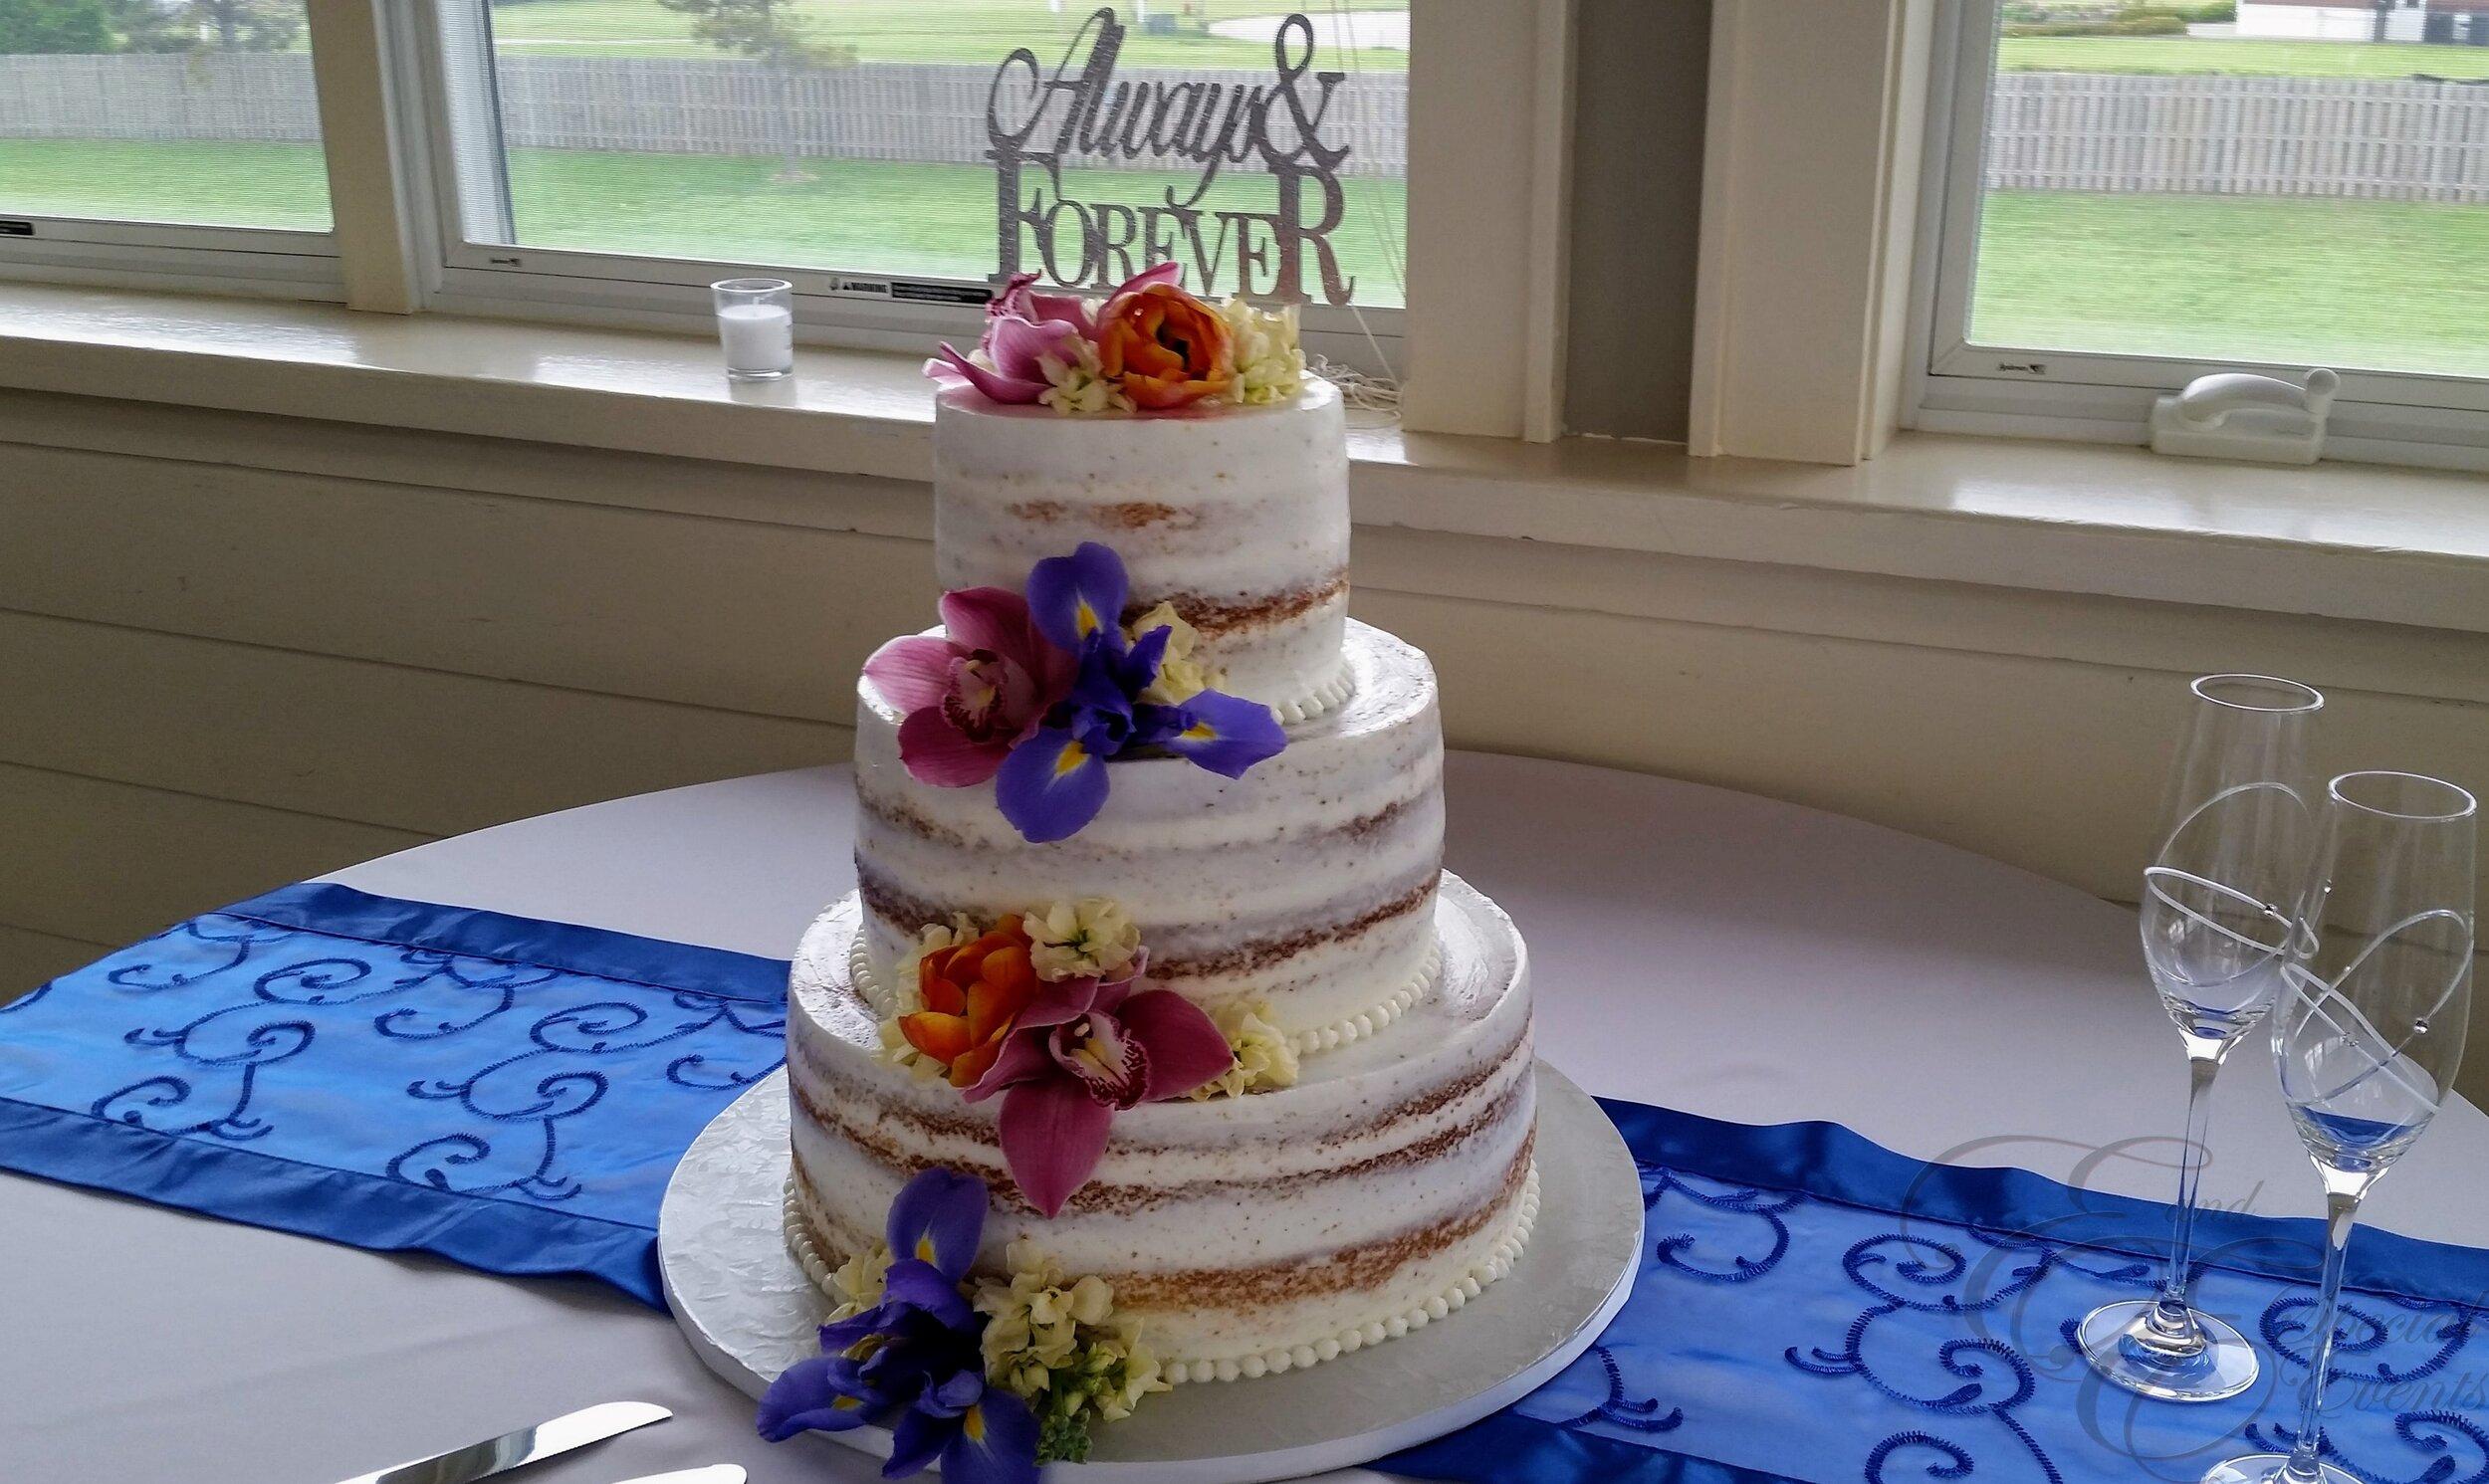 wedding_cakes_E_and_E_Special_Events_virginia_beach_44.jpg